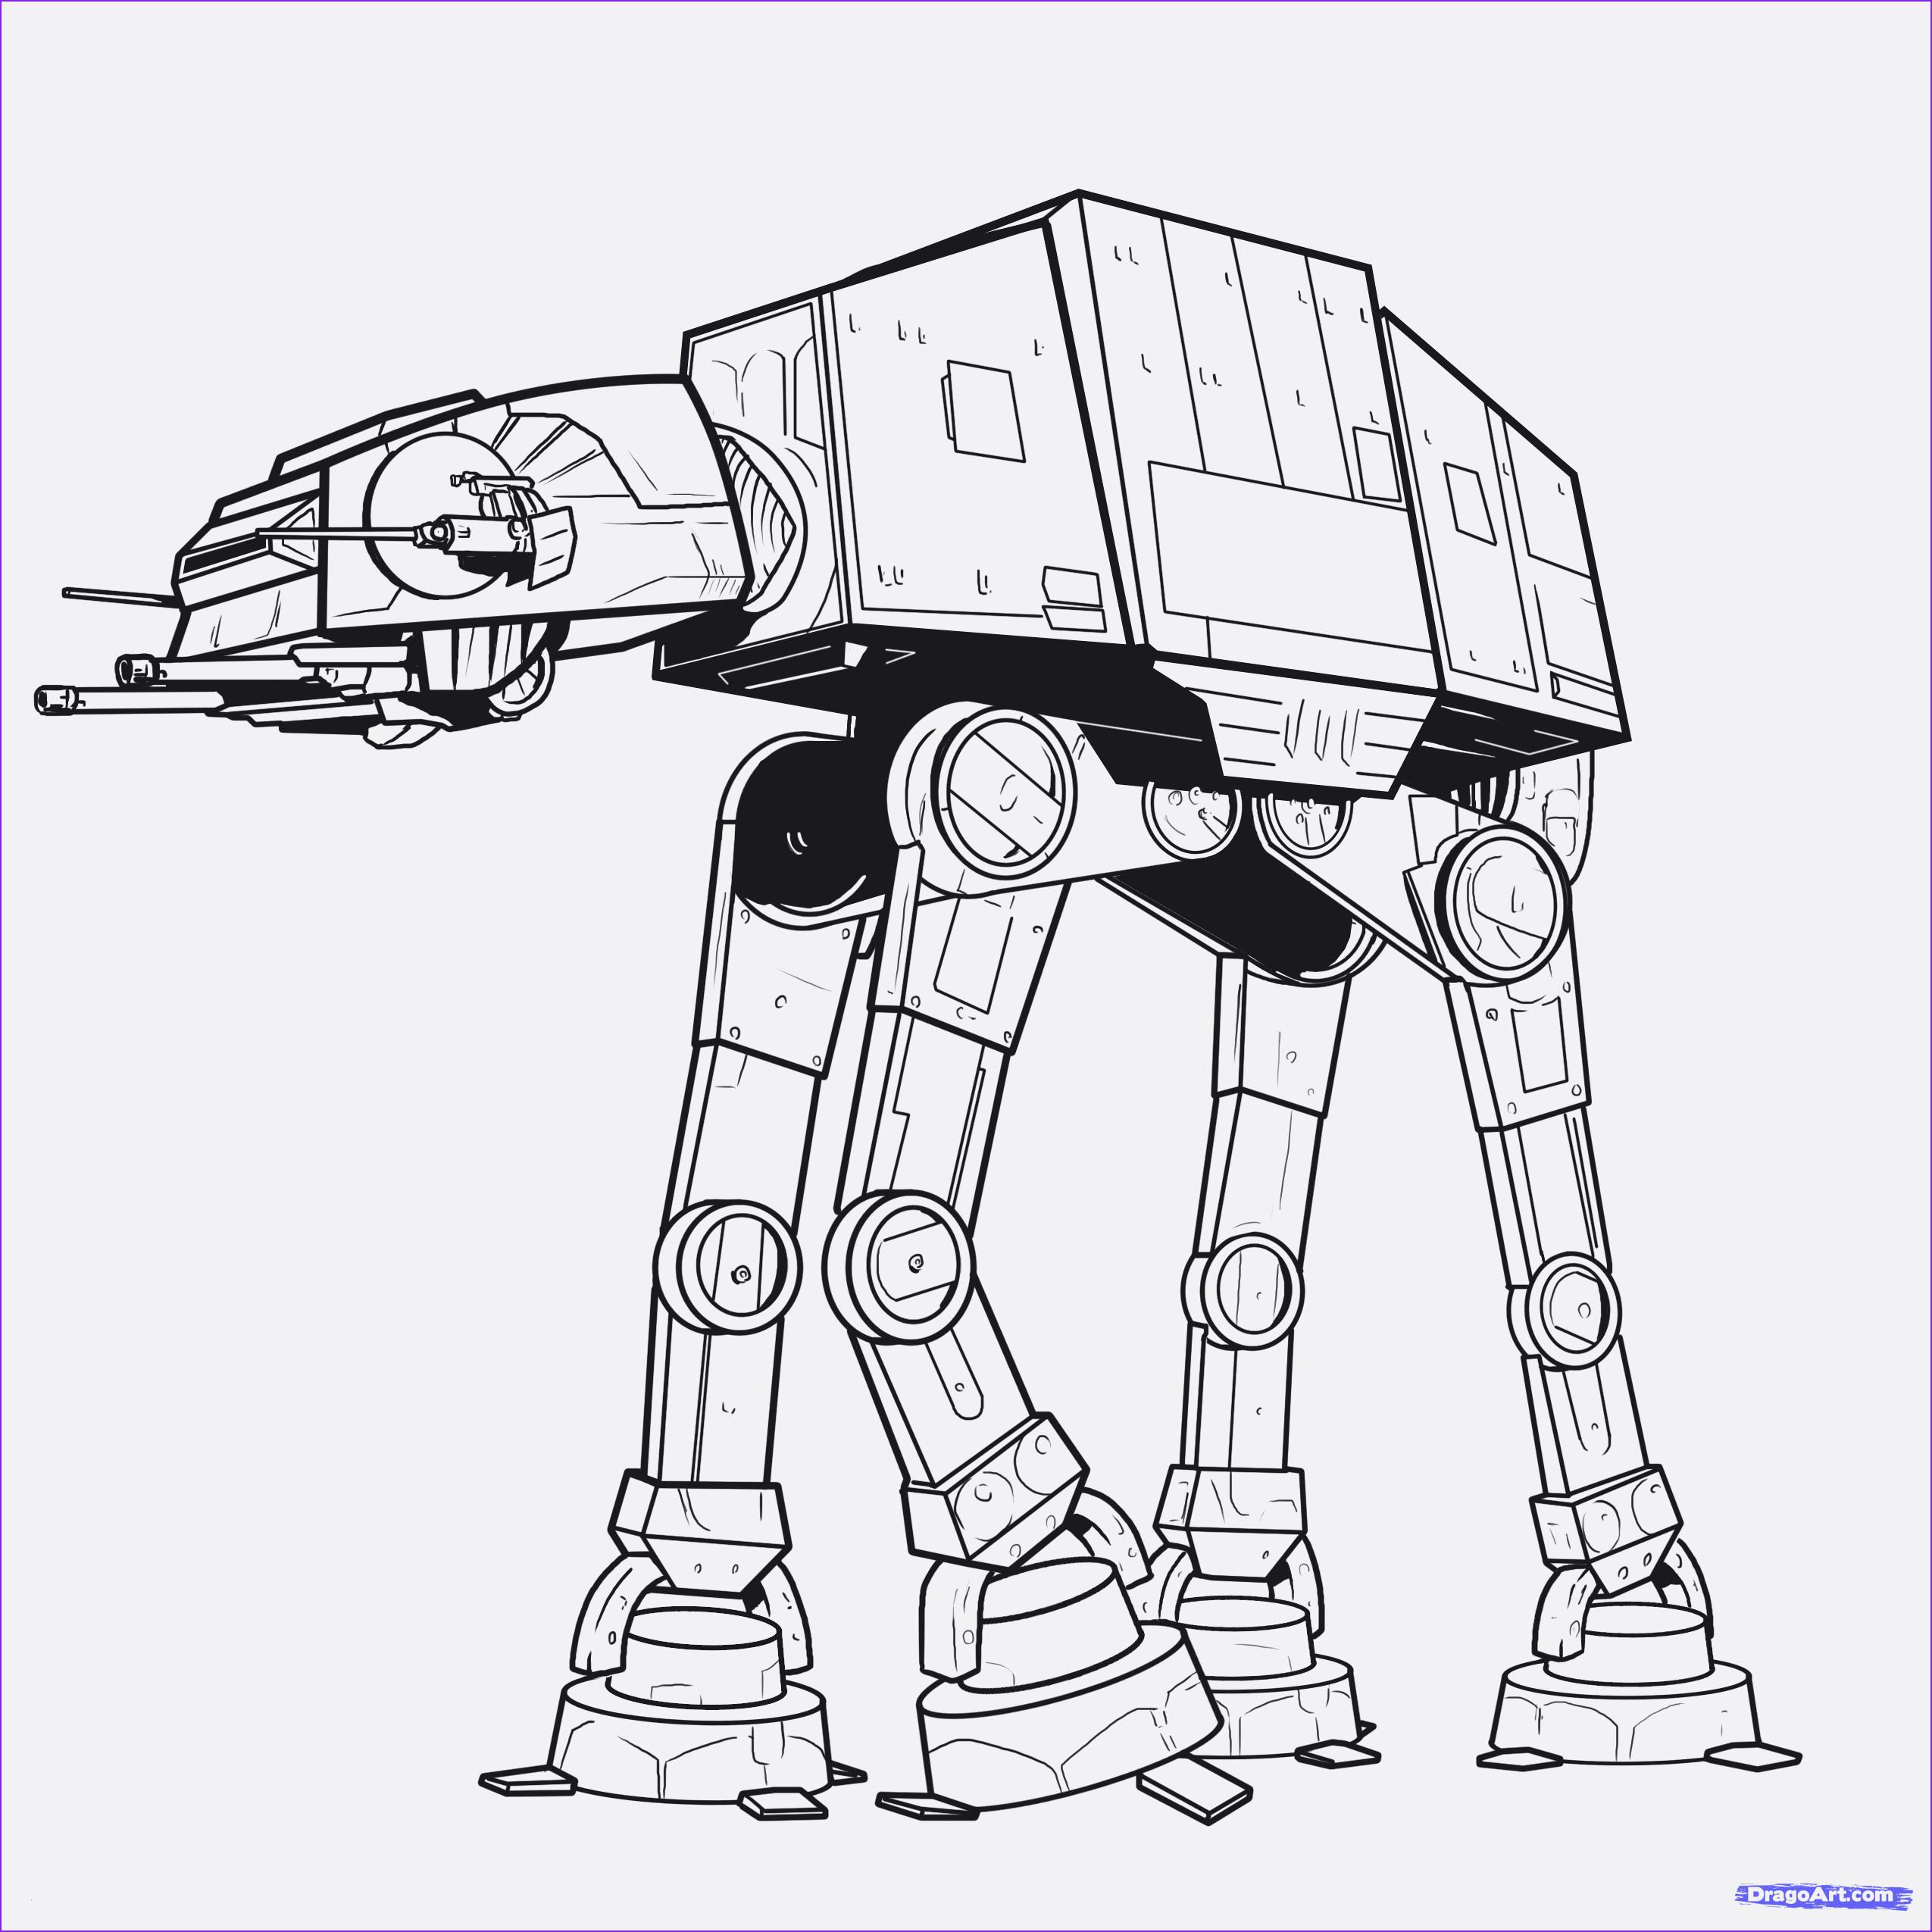 Lego Star Wars Malvorlagen Neu Lego Starwars Ausmalbilder Uploadertalk Inspirierend Ausmalbilder Fotografieren